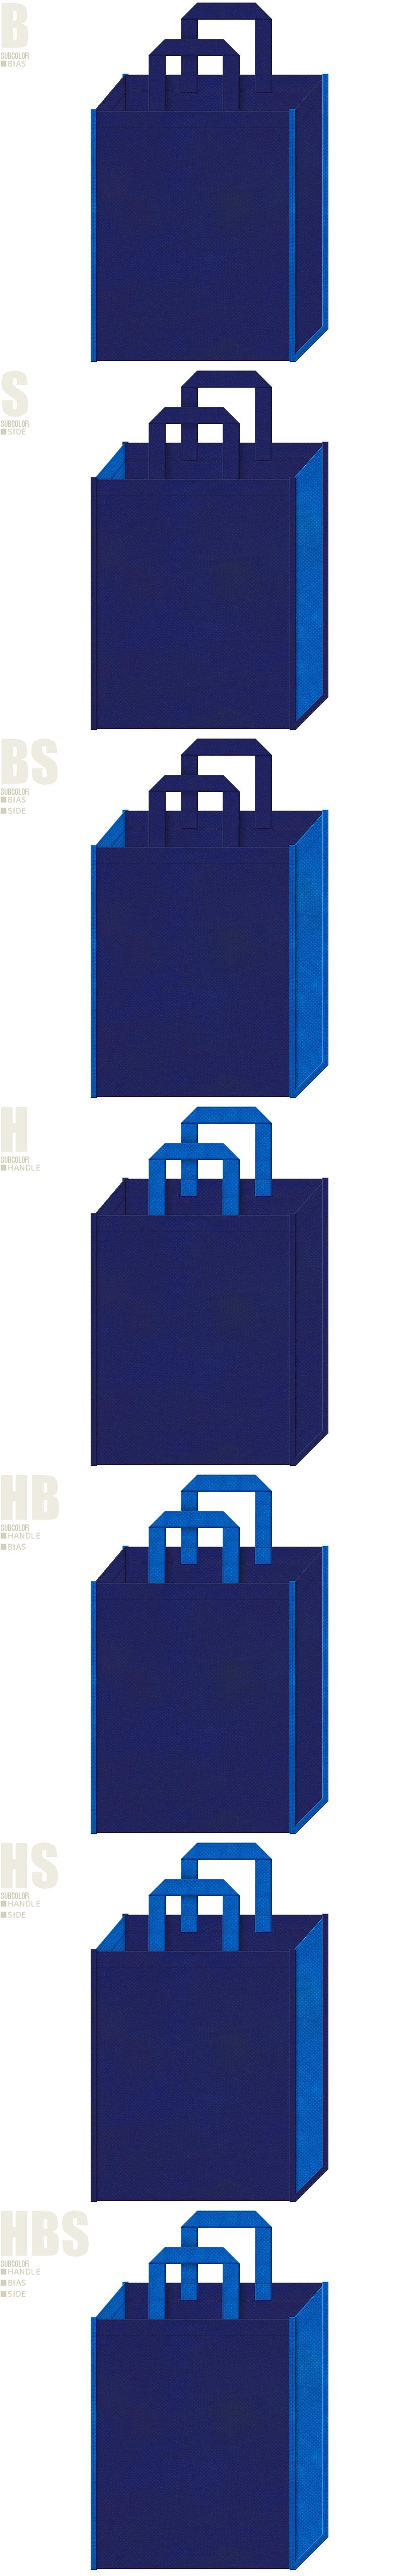 不織布バッグのデザイン:不織布メインカラーNo.24+サブカラーNo.22の2色7パターン